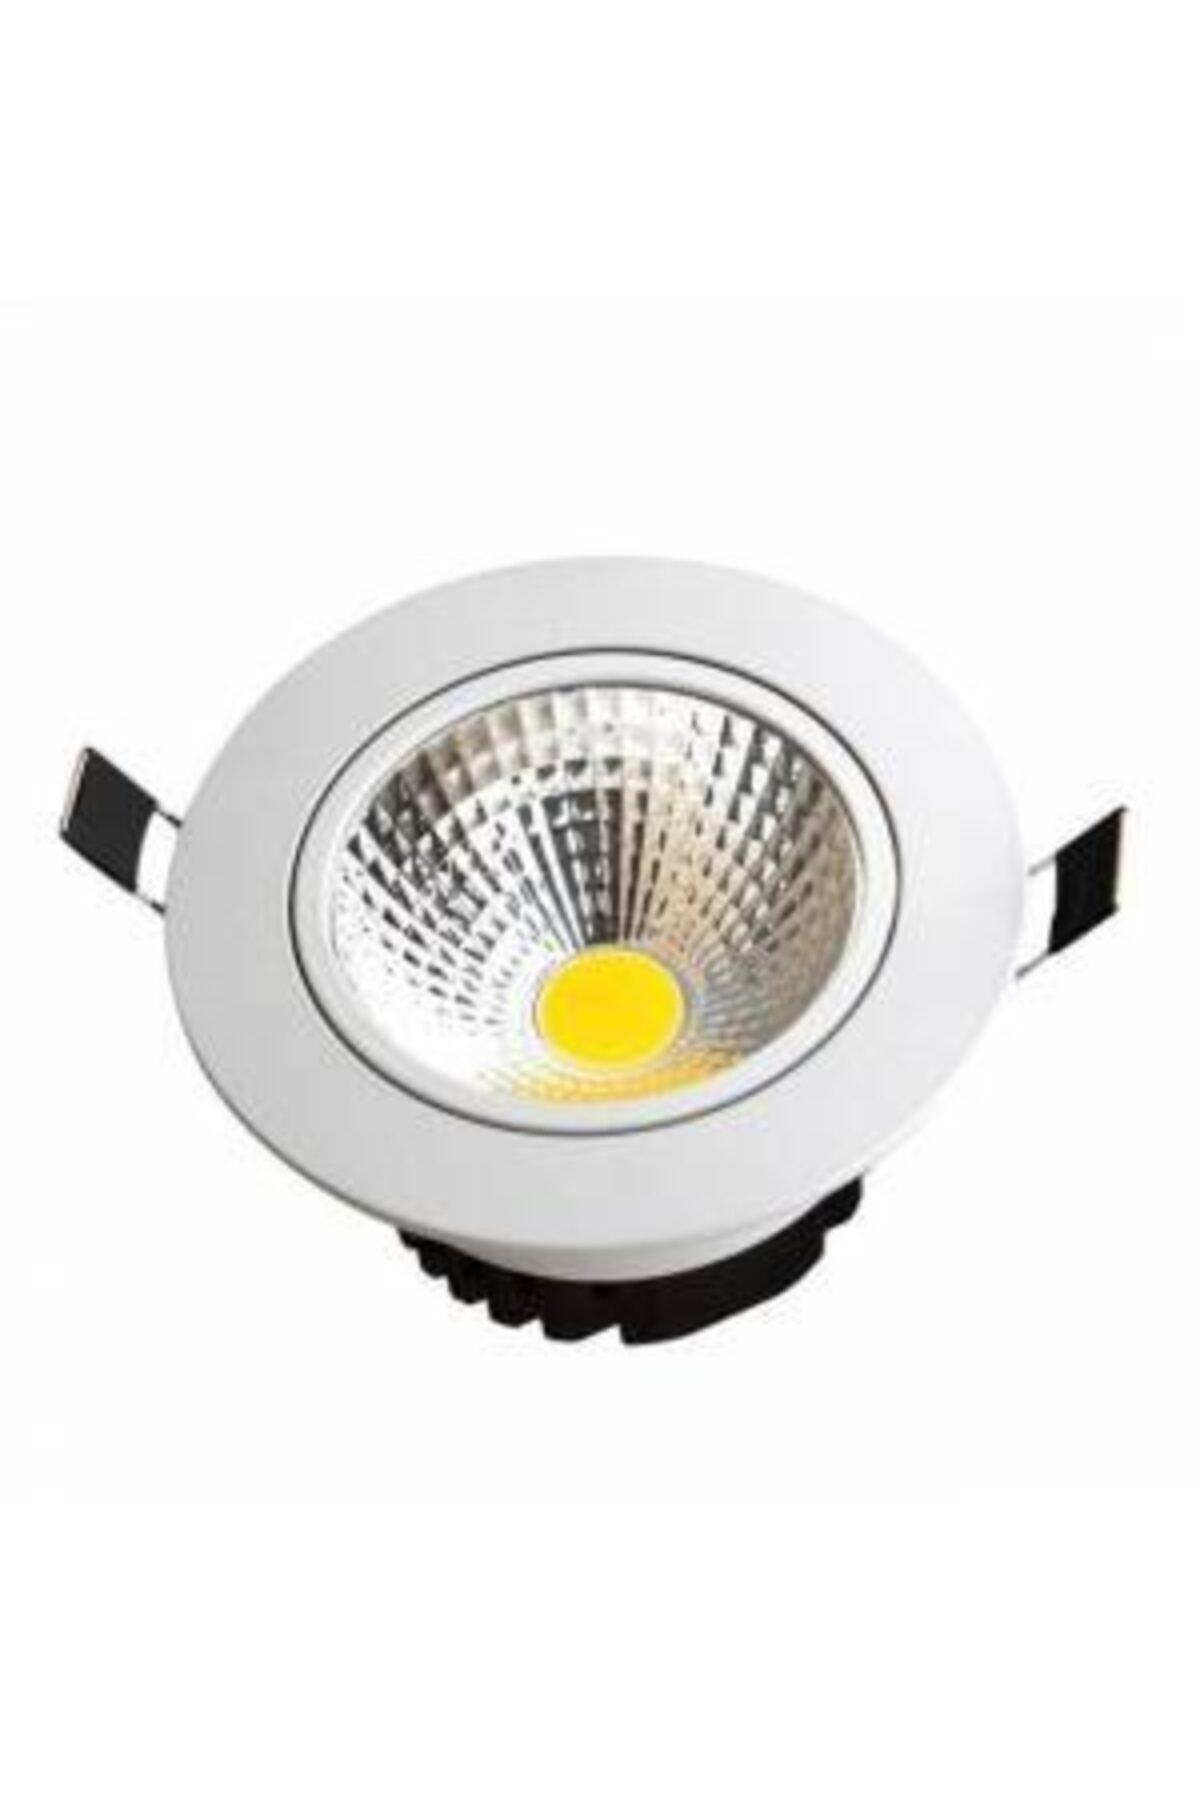 Mb 10 Adet 5 Watt Beyaz Gövde Günışığı Renk Gömme Tavan Spot Lambası Armatür Driverli